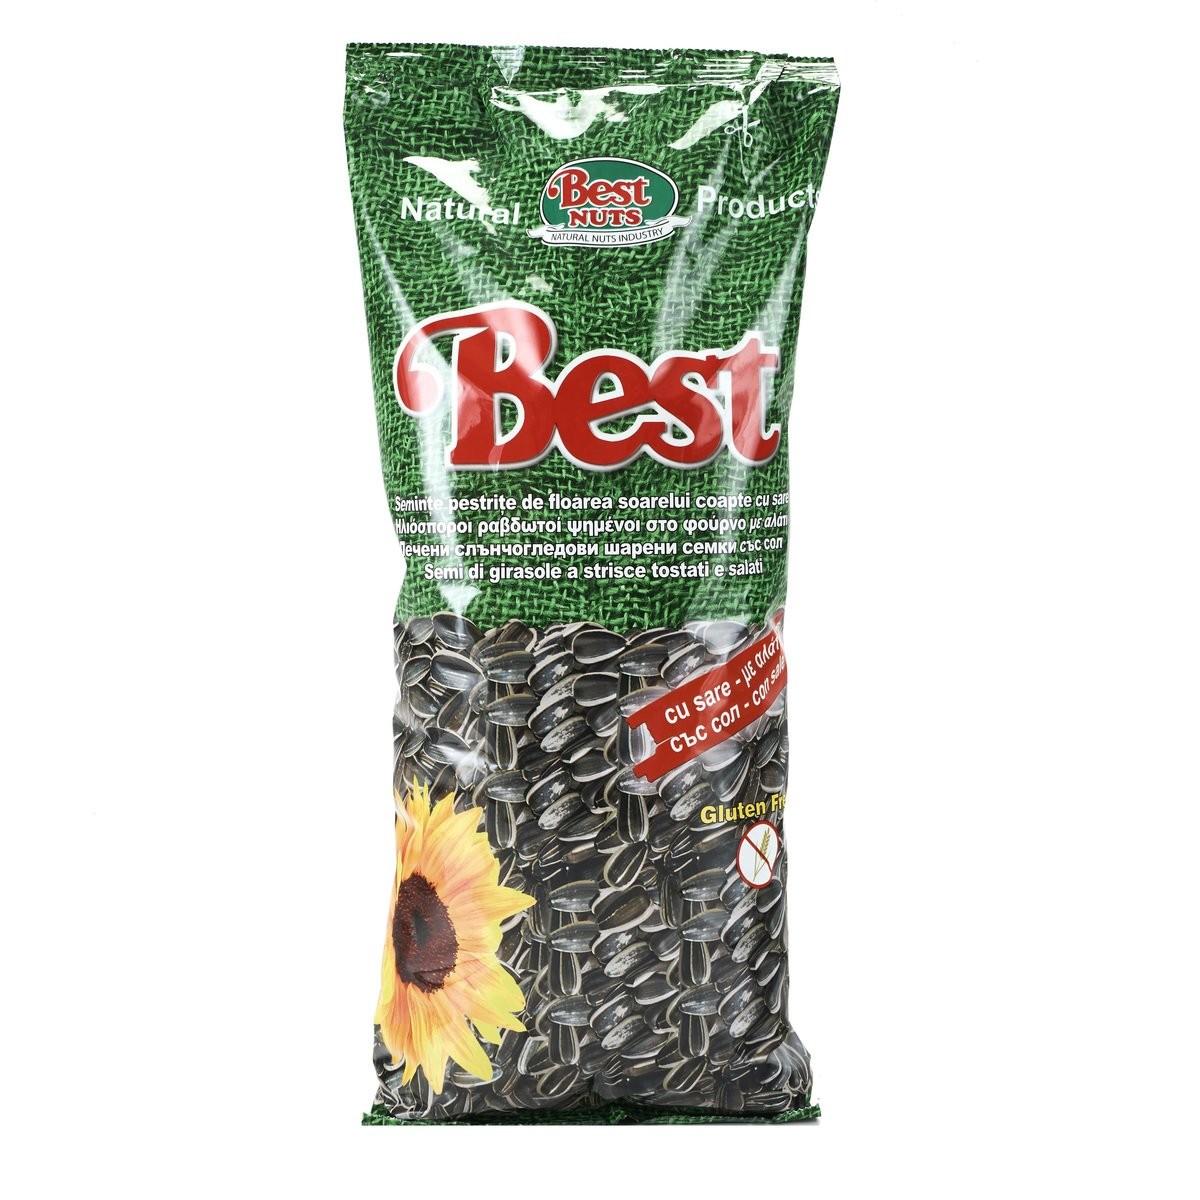 Best Nuts Semi di girasole a strisce